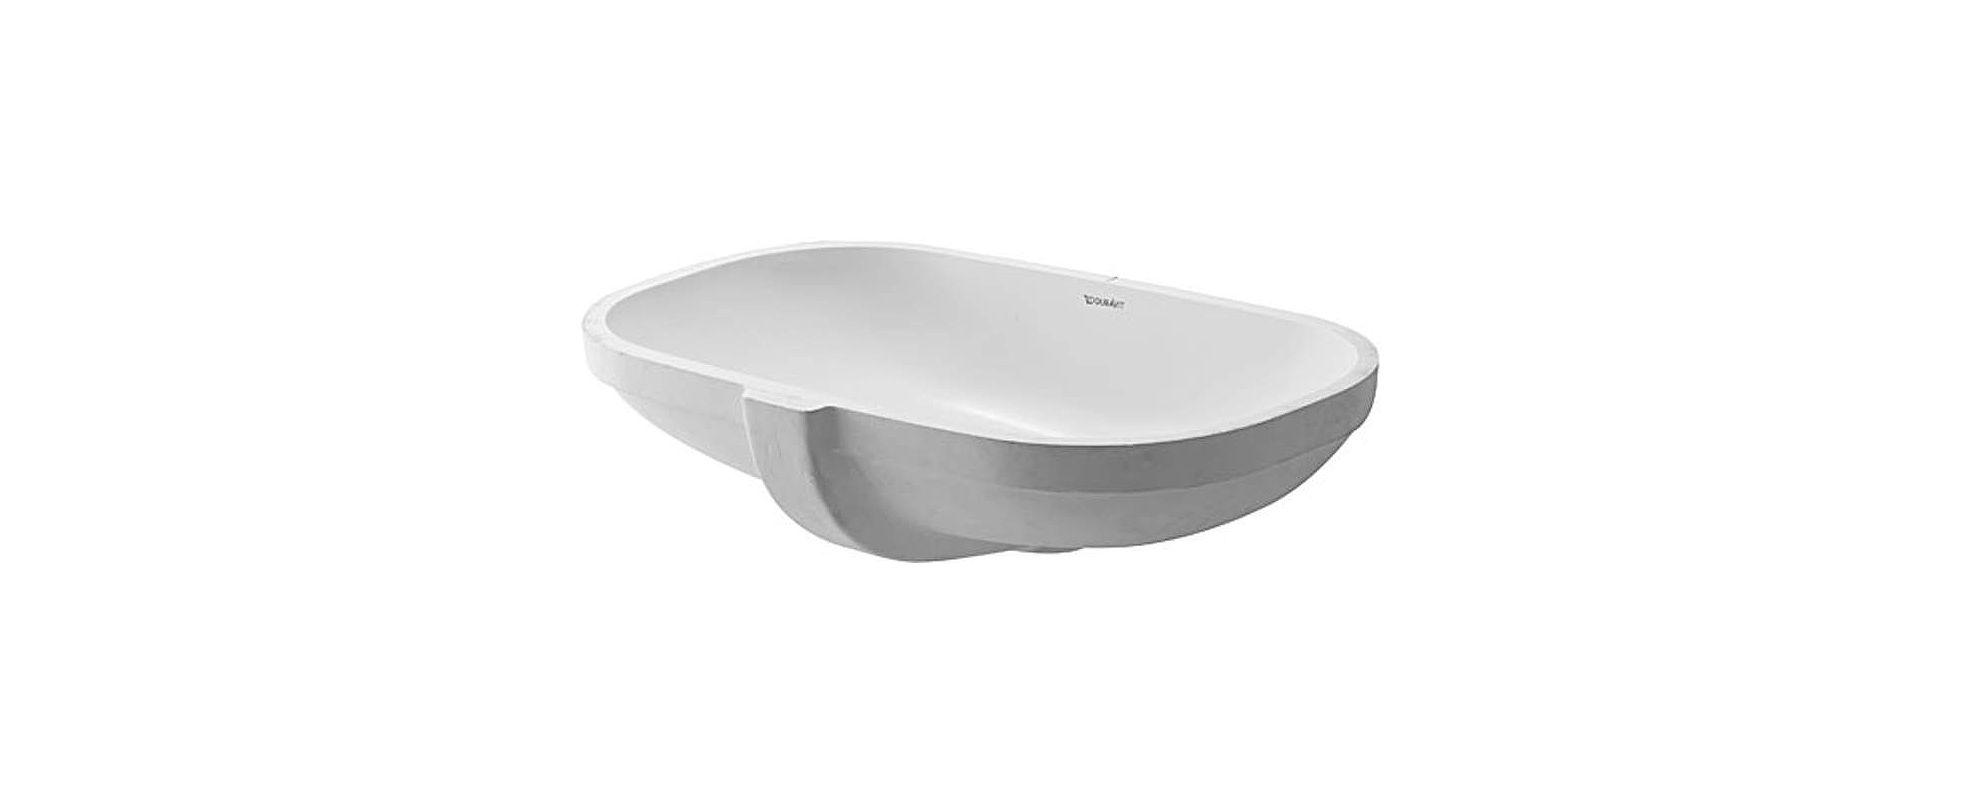 Duravit Ada Sink : Duravit 0338490000 White D-code 20-3/4